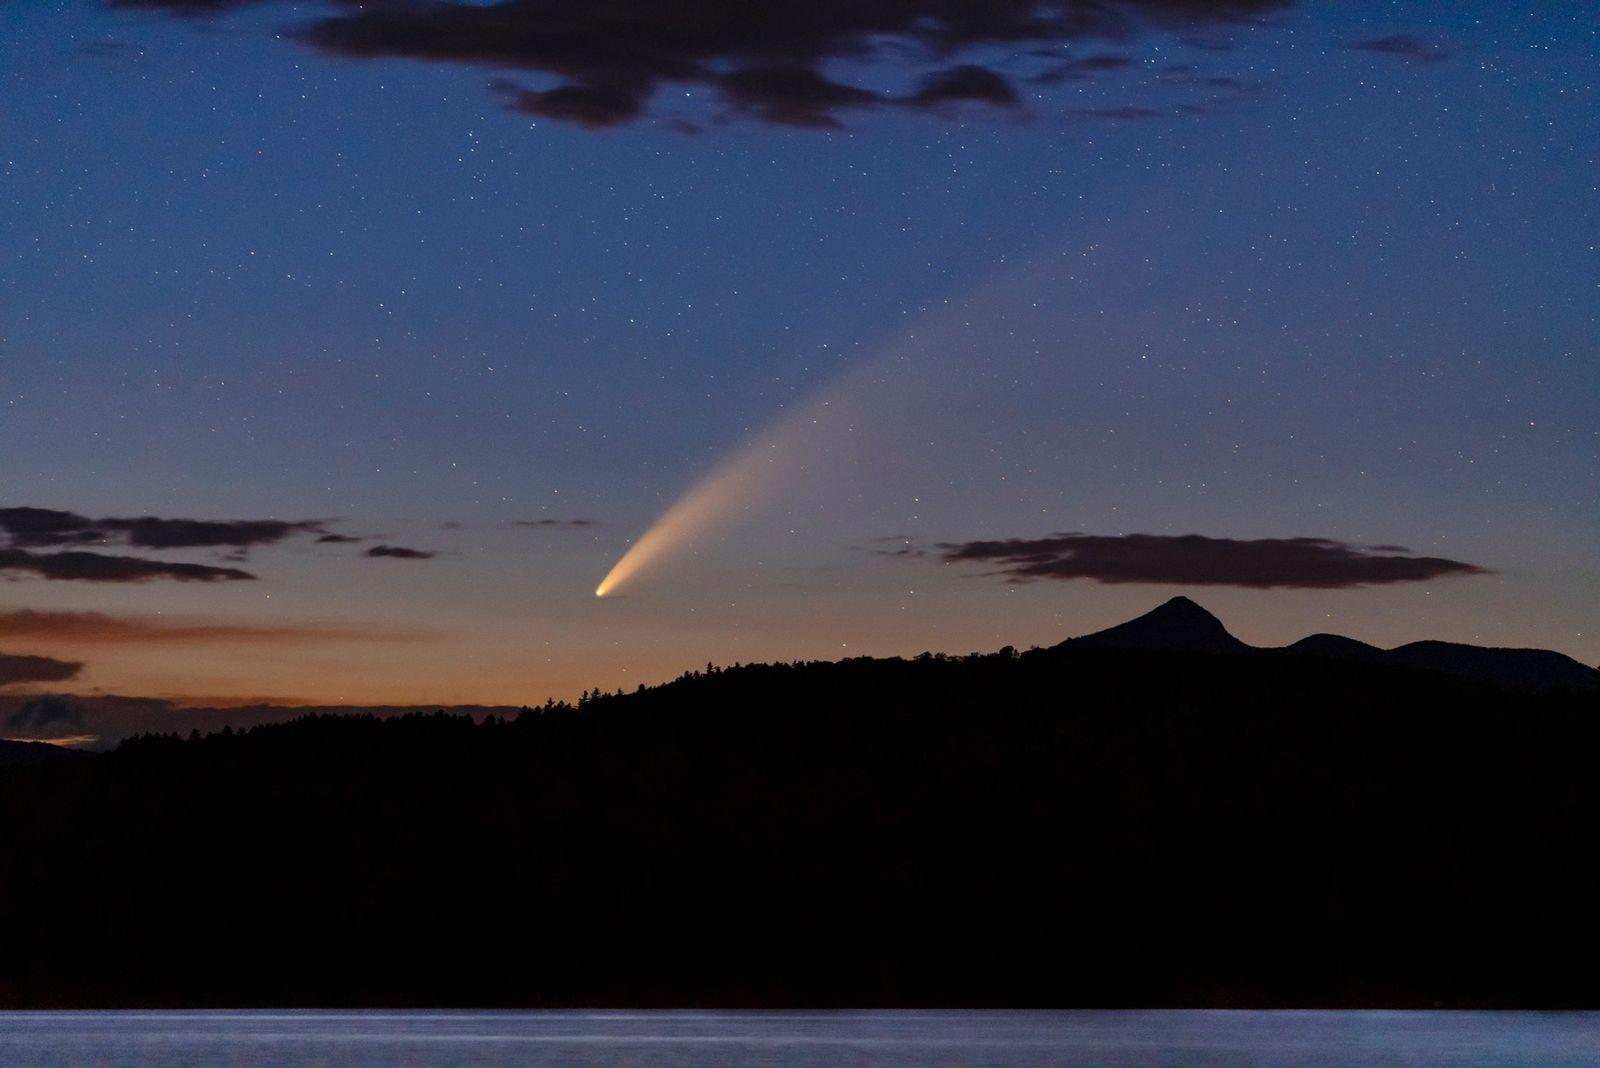 Um dos Cometas Mais Brilhantes em Décadas Está de Passagem Pela Terra. Eis Como o Pode ...